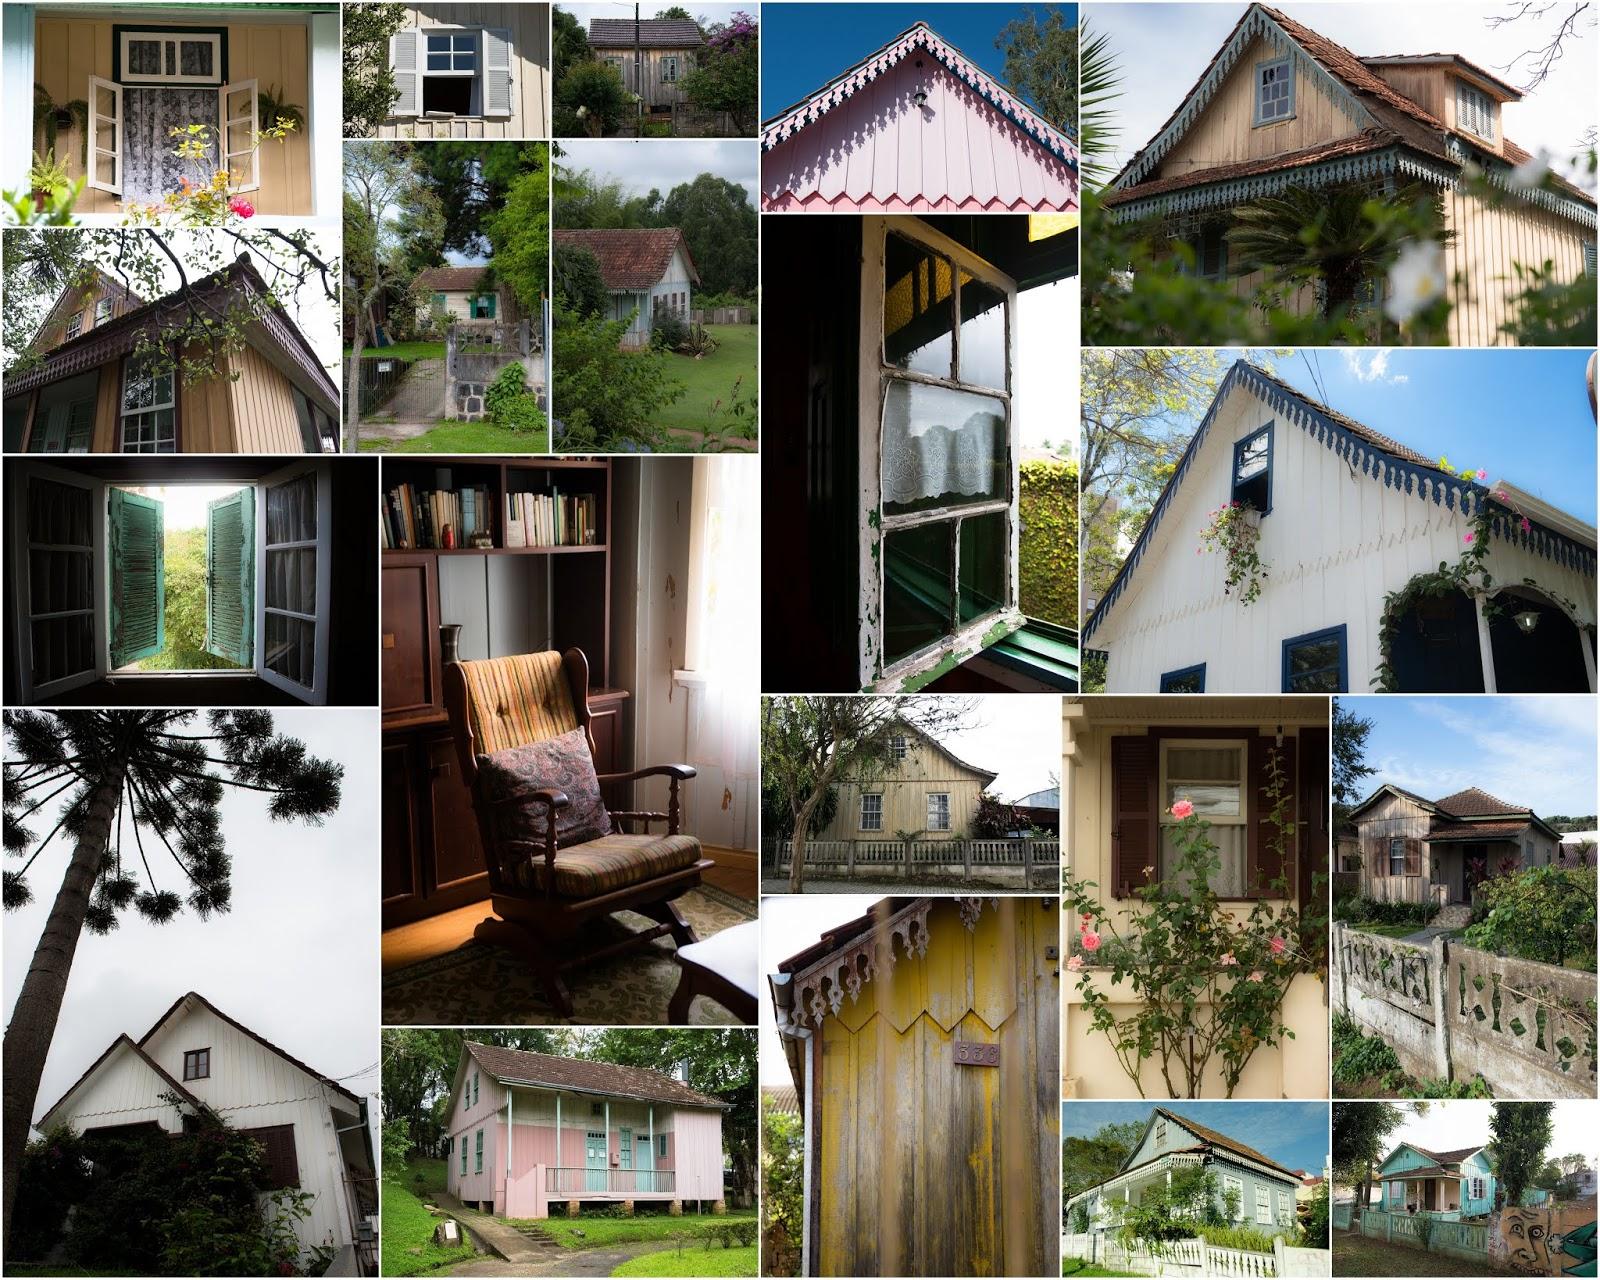 d09392fc44a Saudade do Ninho - um livro sobre as casinhas de madeira de Curitiba